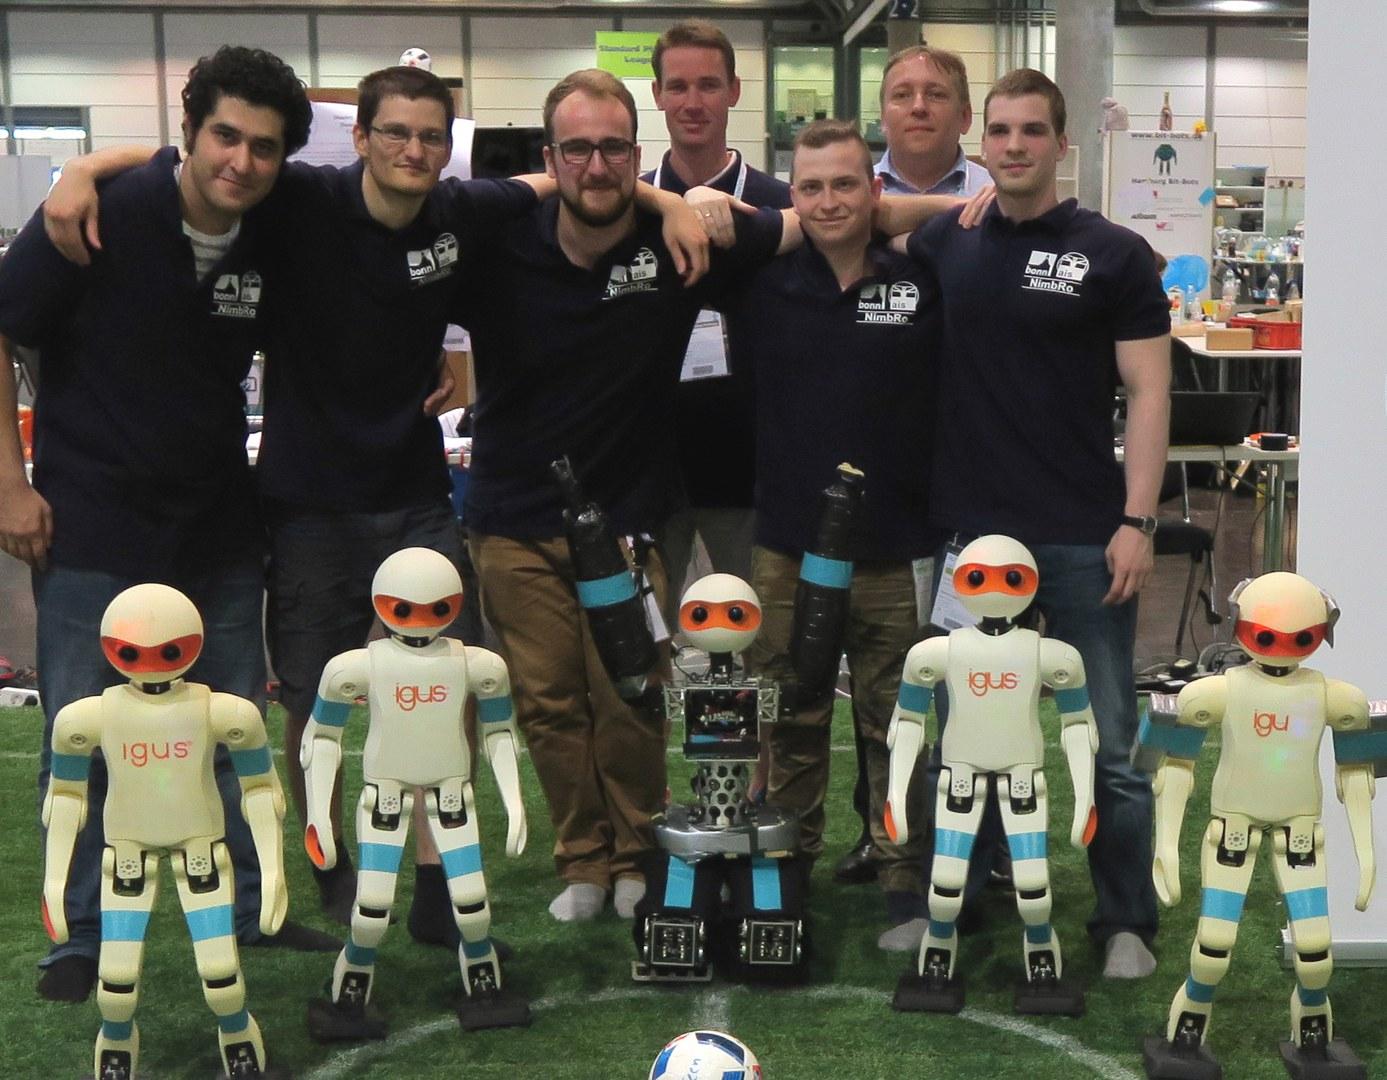 Das siegreiche Team NimbRo der Universität Bonn: